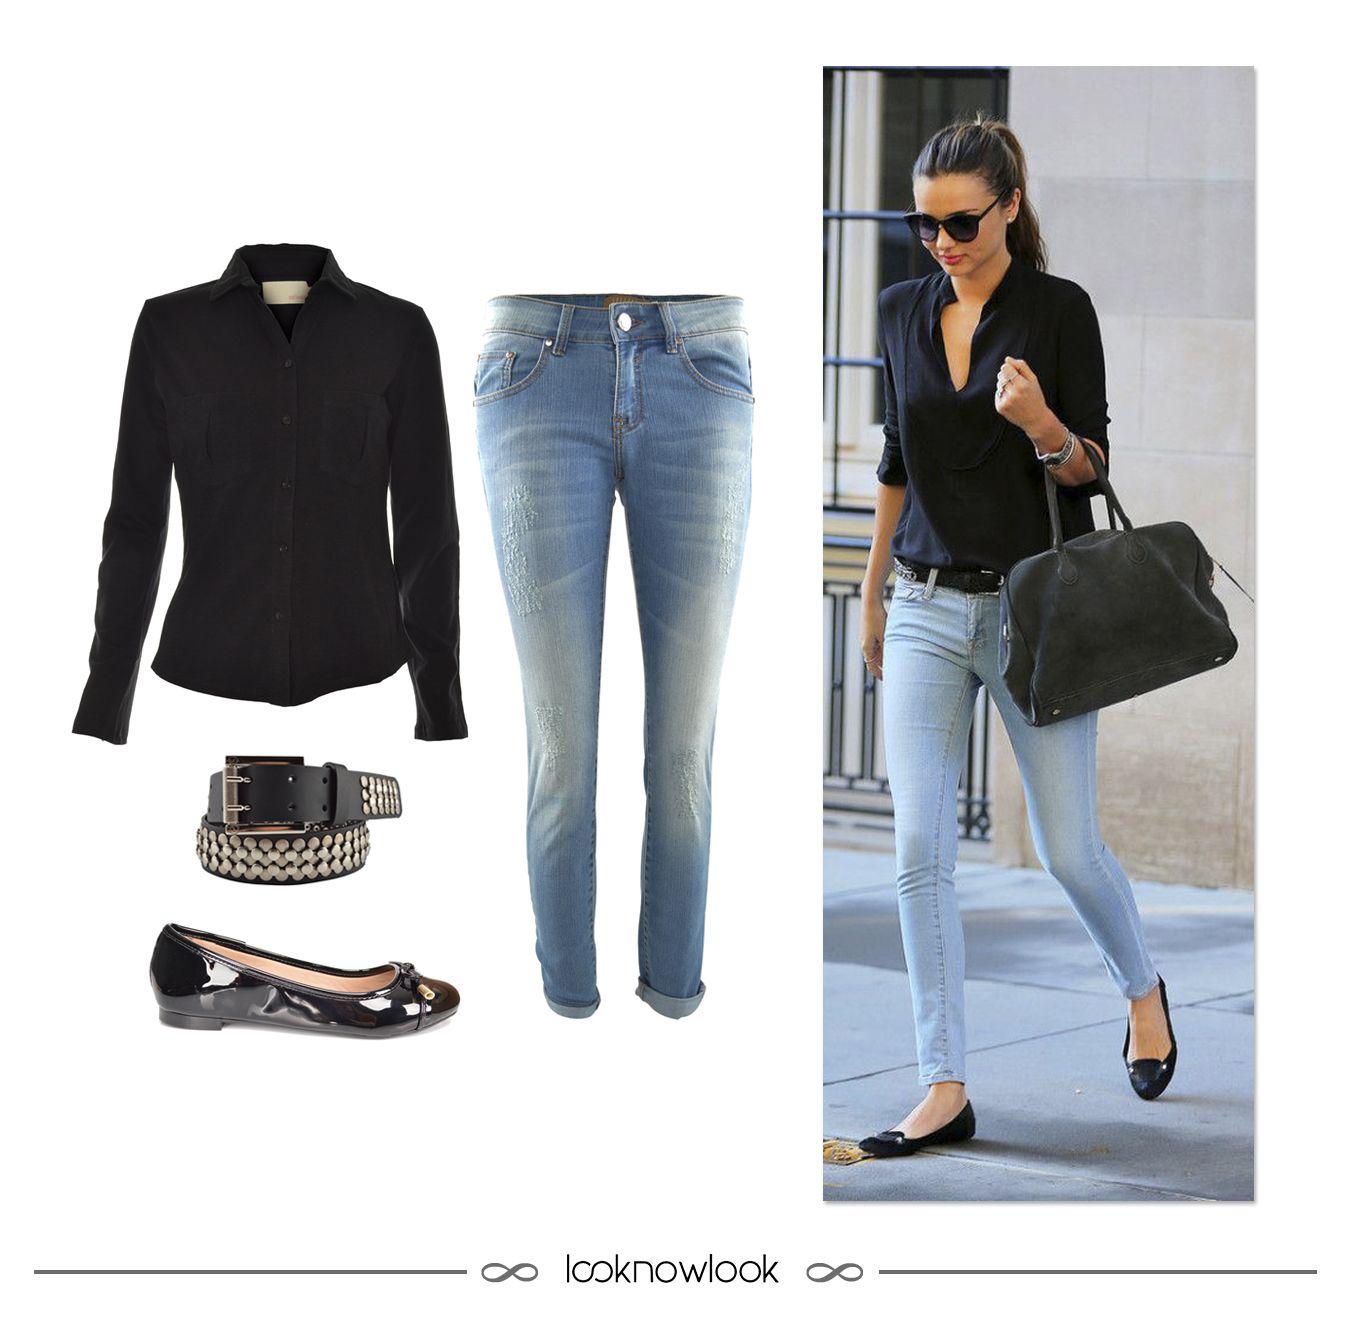 Get the Look: Camisa preta + Calça jeans reta + Cinto com